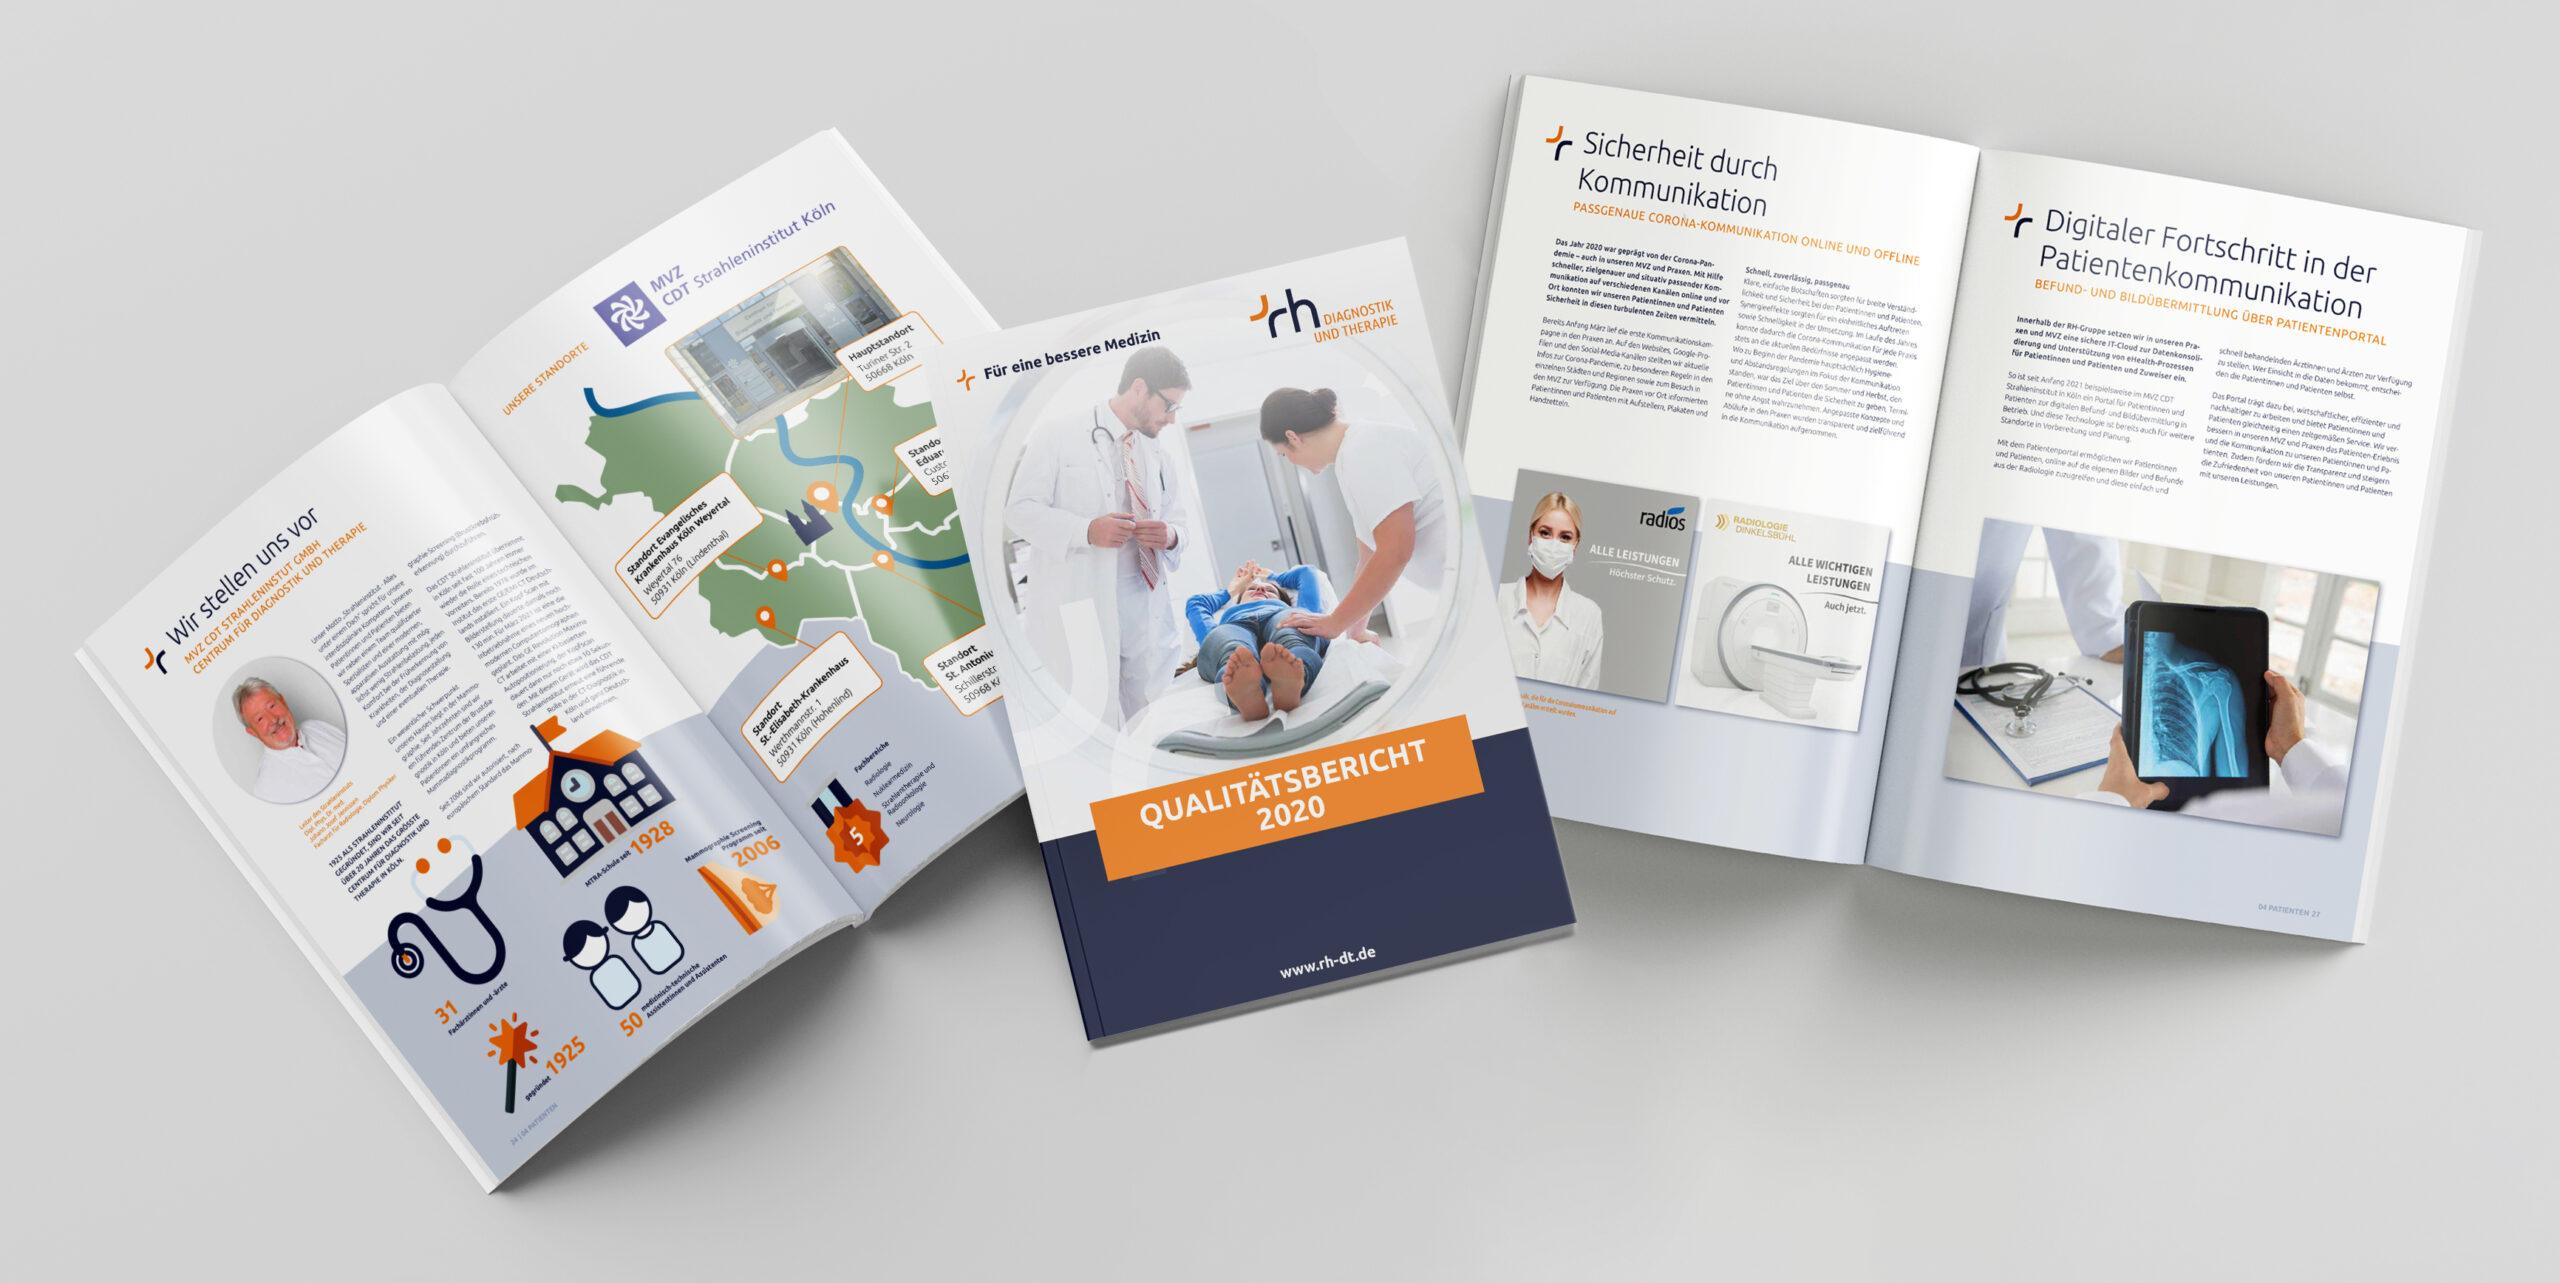 RH Diagnostik & Therapie veröffentlicht Qualitätsreport